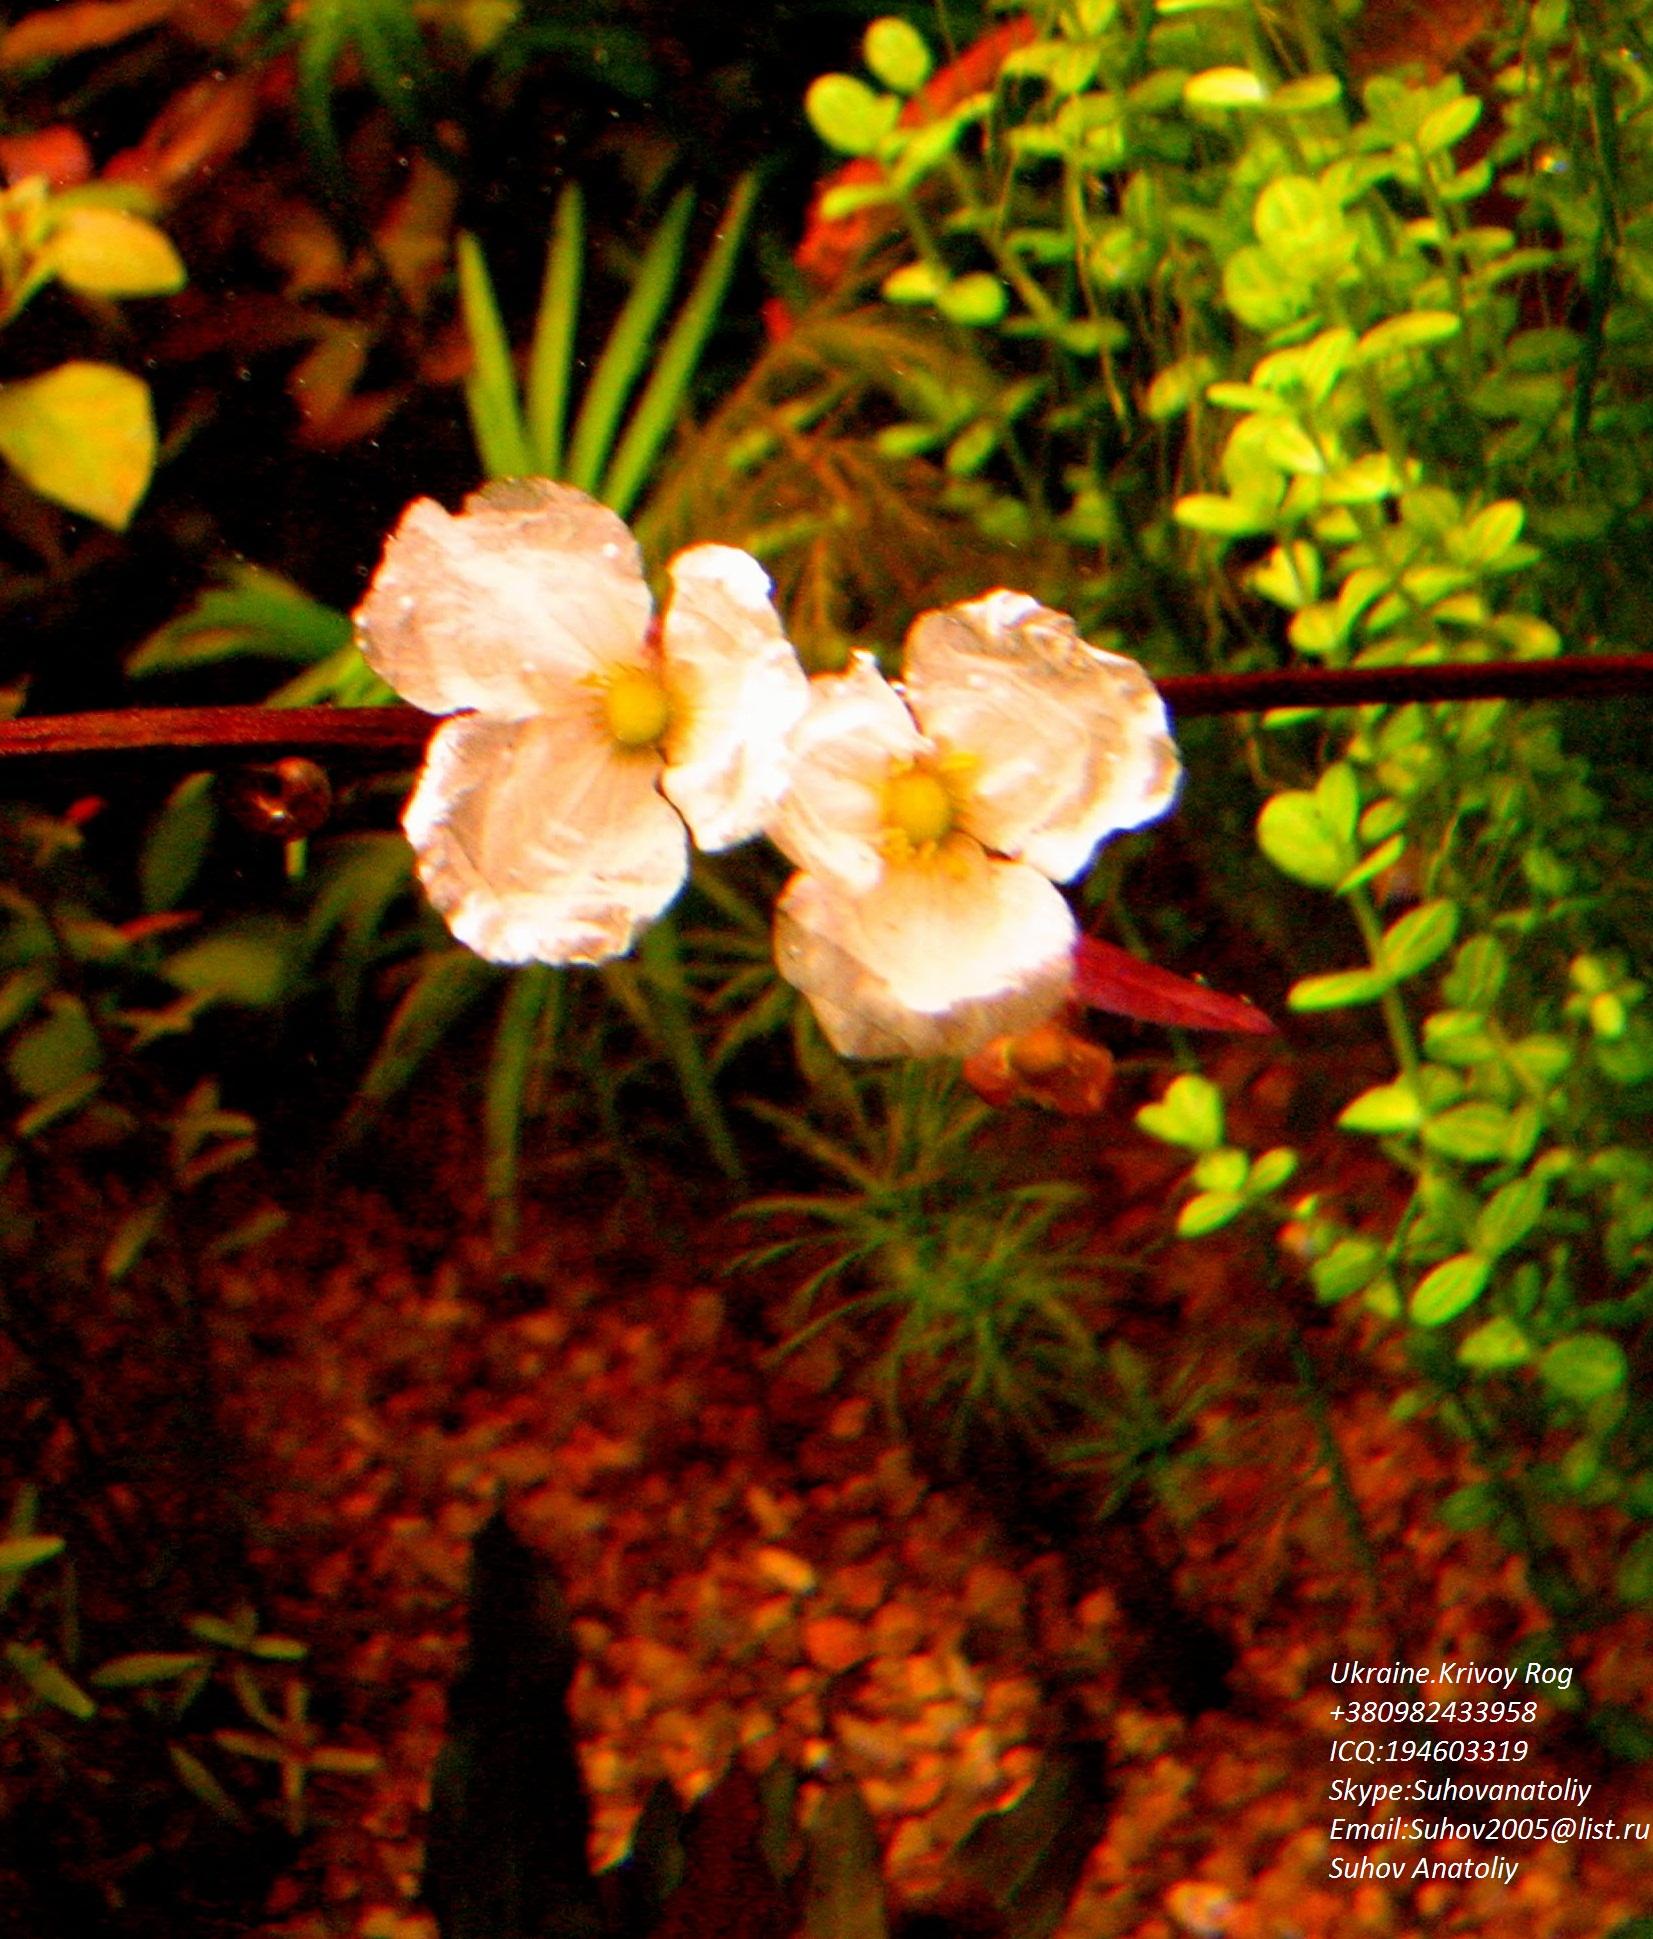 gallery_11723_1289_193224.jpg